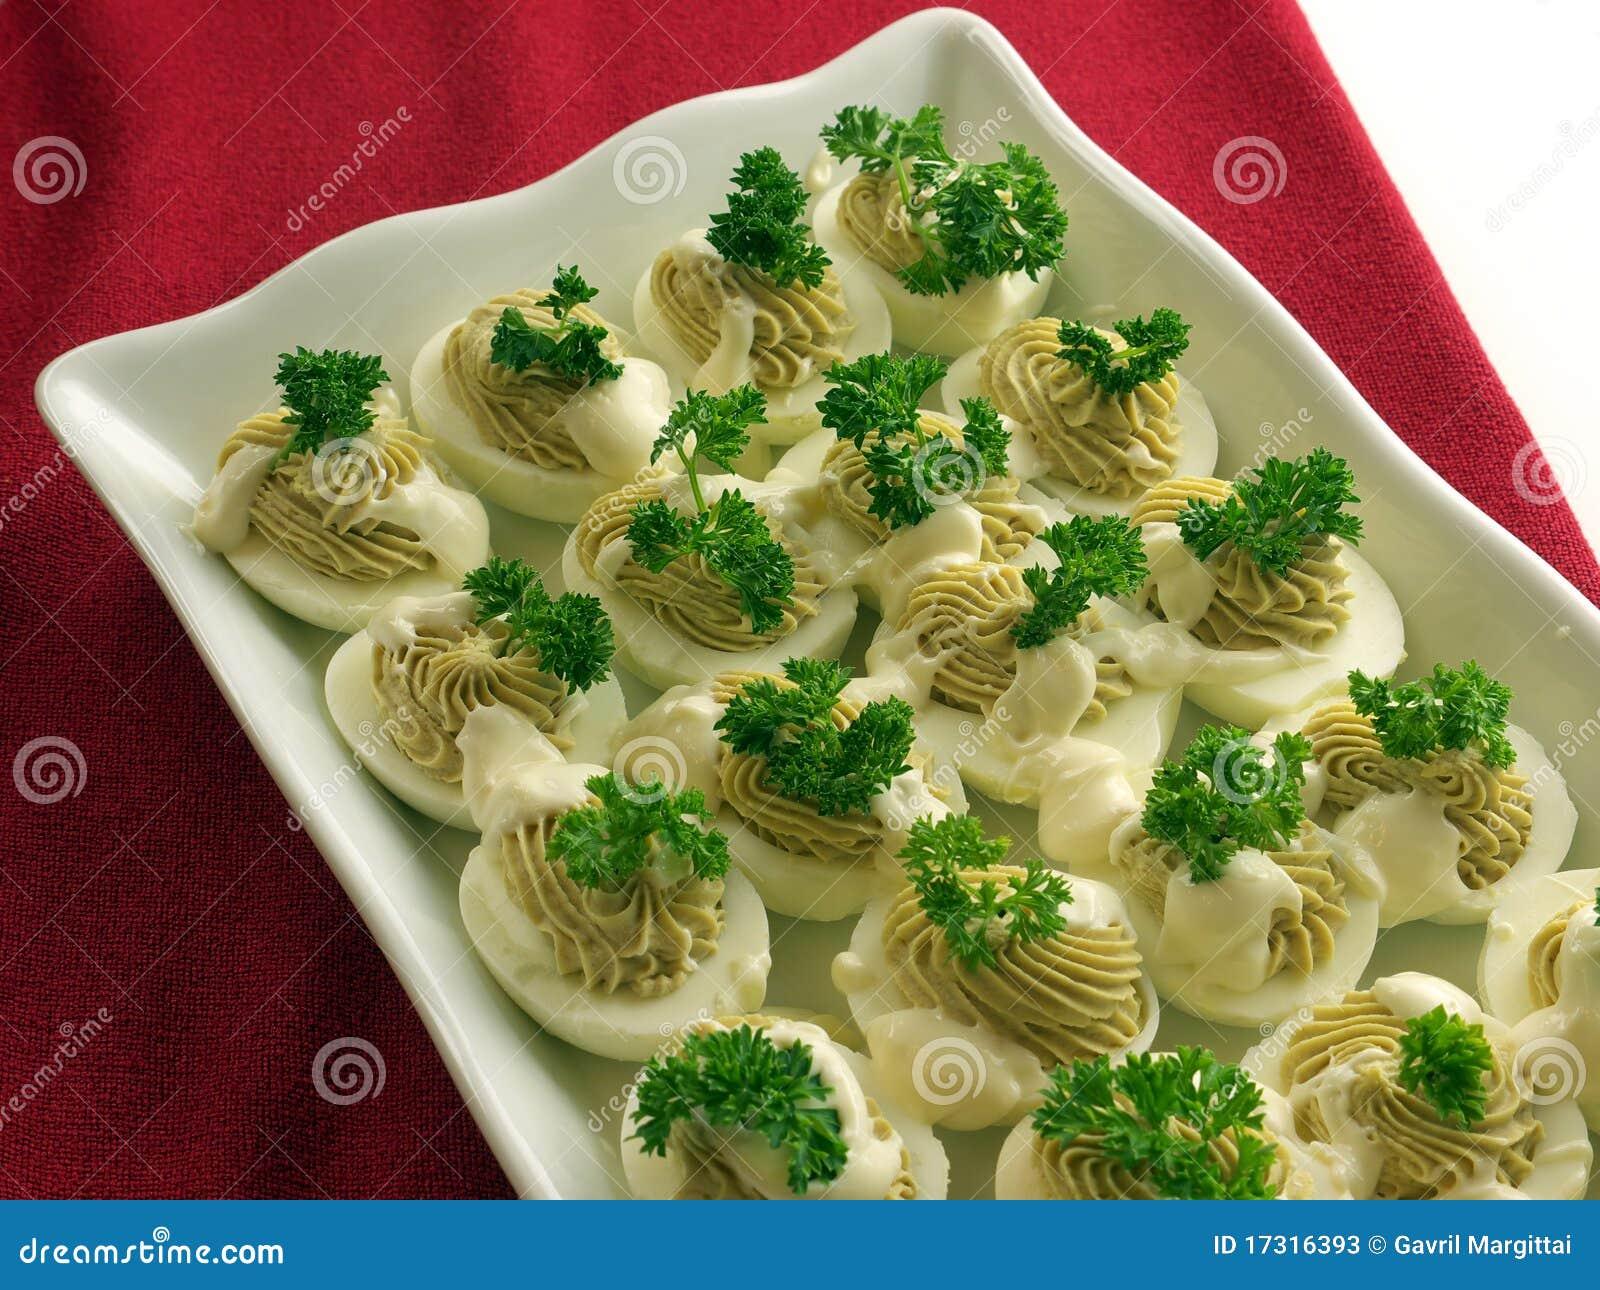 Home made devilled egg salad stock image image 17316393 for Decoration salade